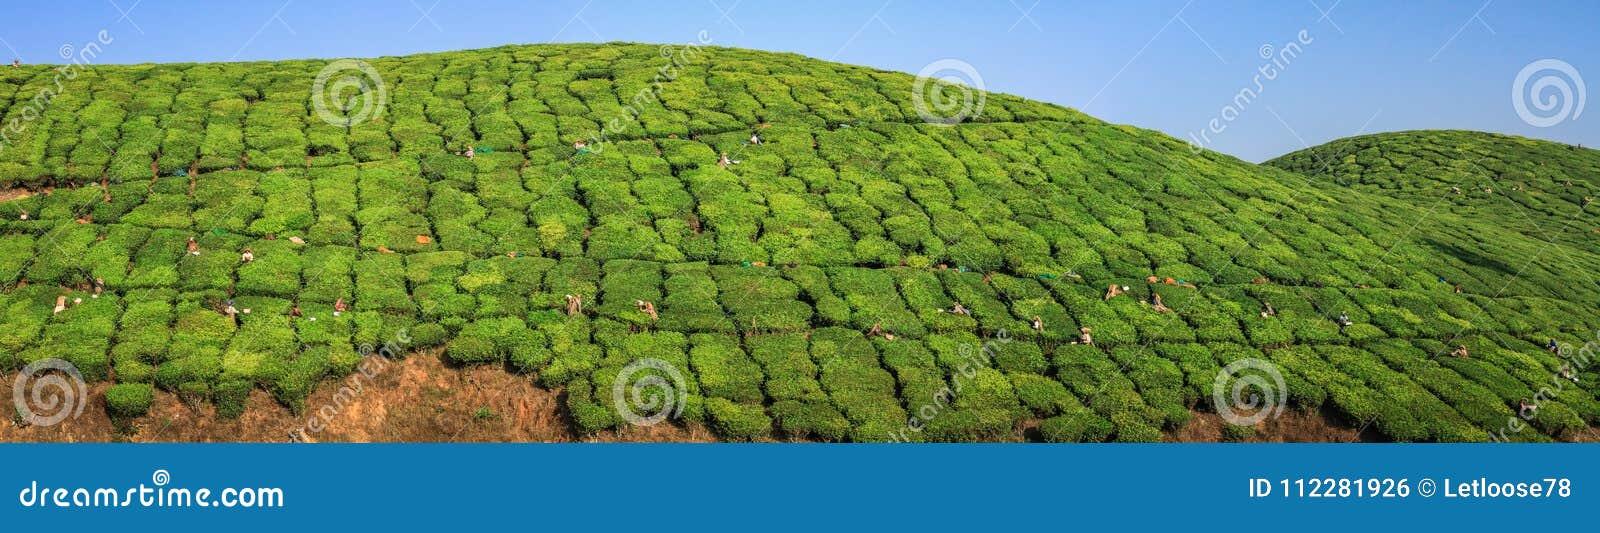 Πανοραμική άποψη σχετικά με τους εργαζομένους τσαγιού που συγκομίζουν το τσάι στους πράσινους πολύβλαστους λόφους και τα βουνά φυ